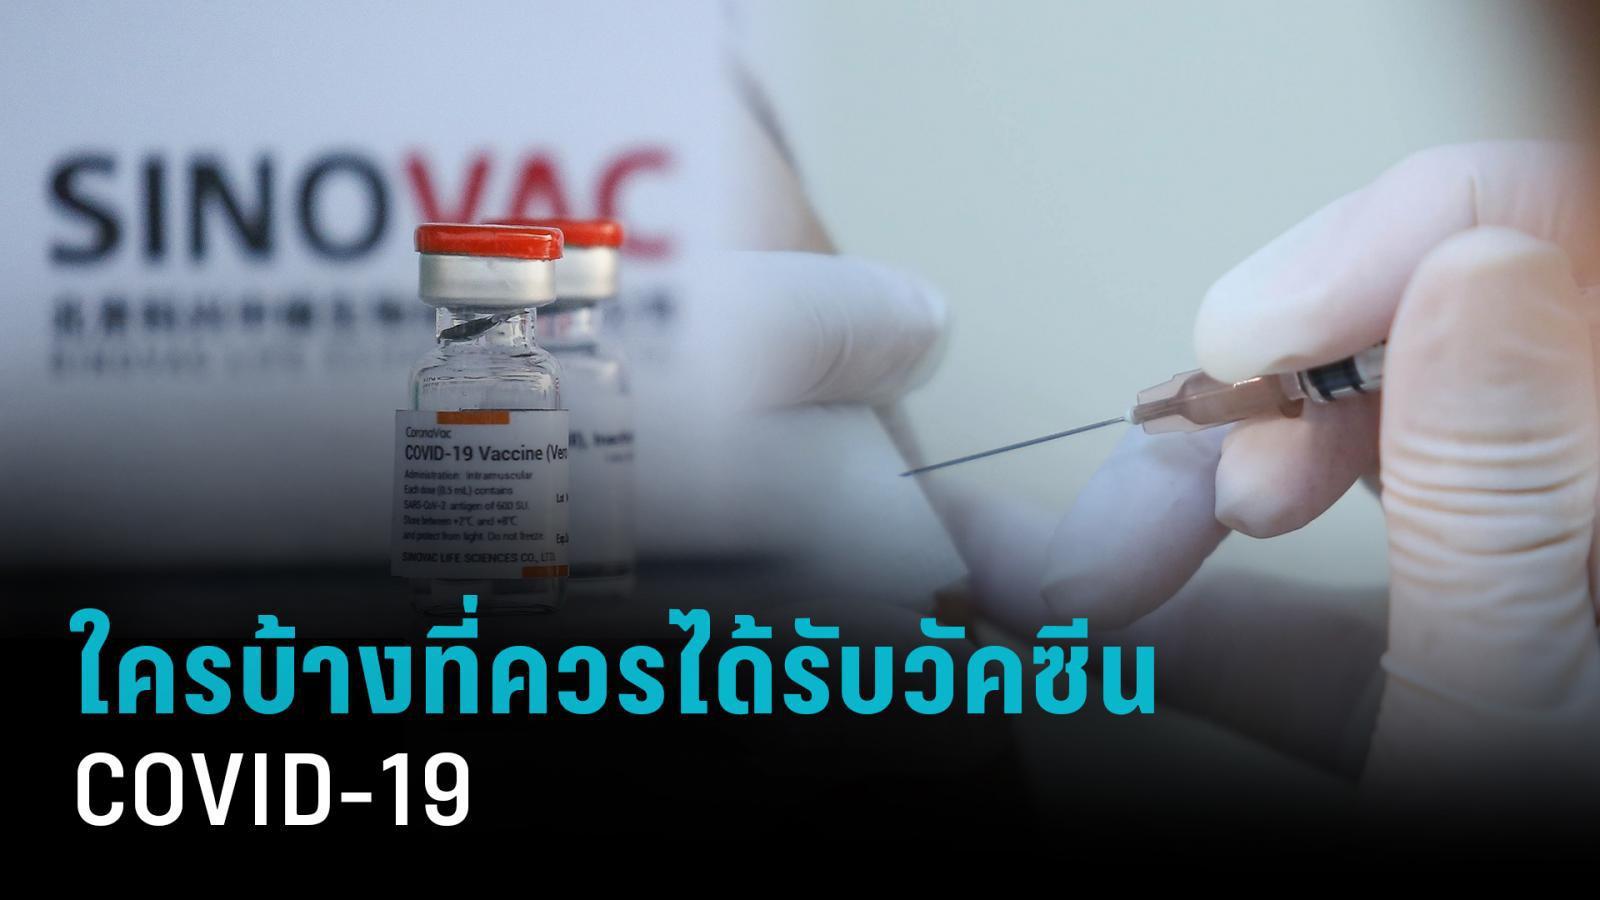 ใครบ้างที่ควรได้รับวัคซีน โควิด-19